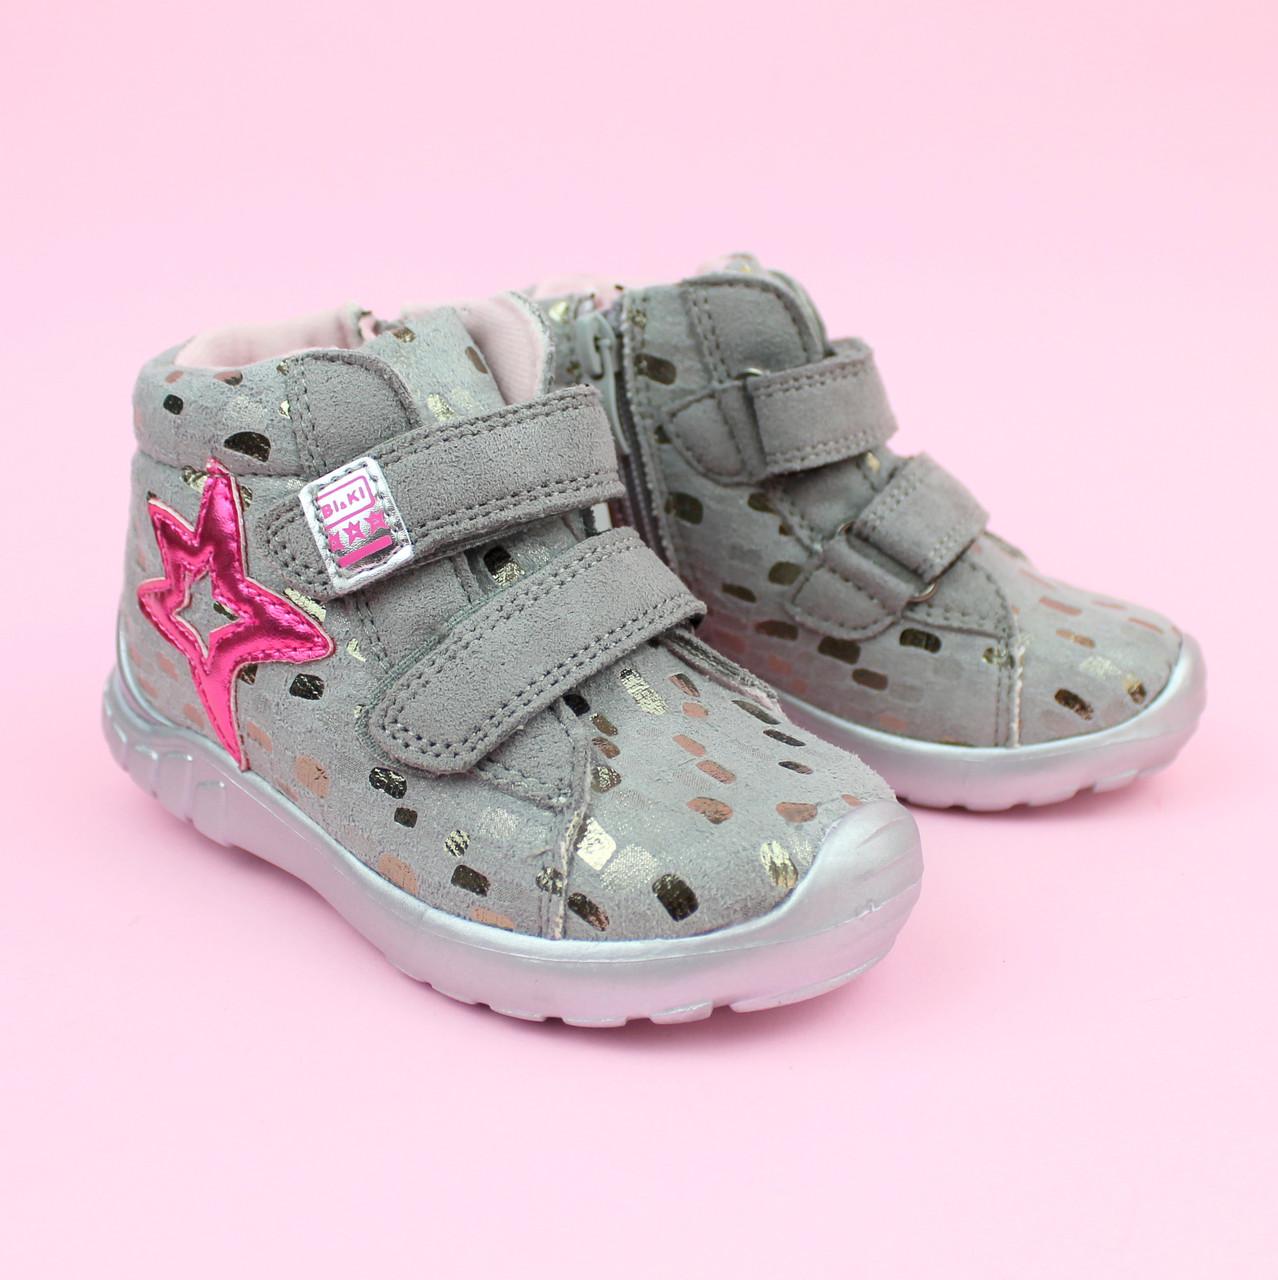 Демисезонные Ботинки для девочки серые тм BiKi размер 22,24